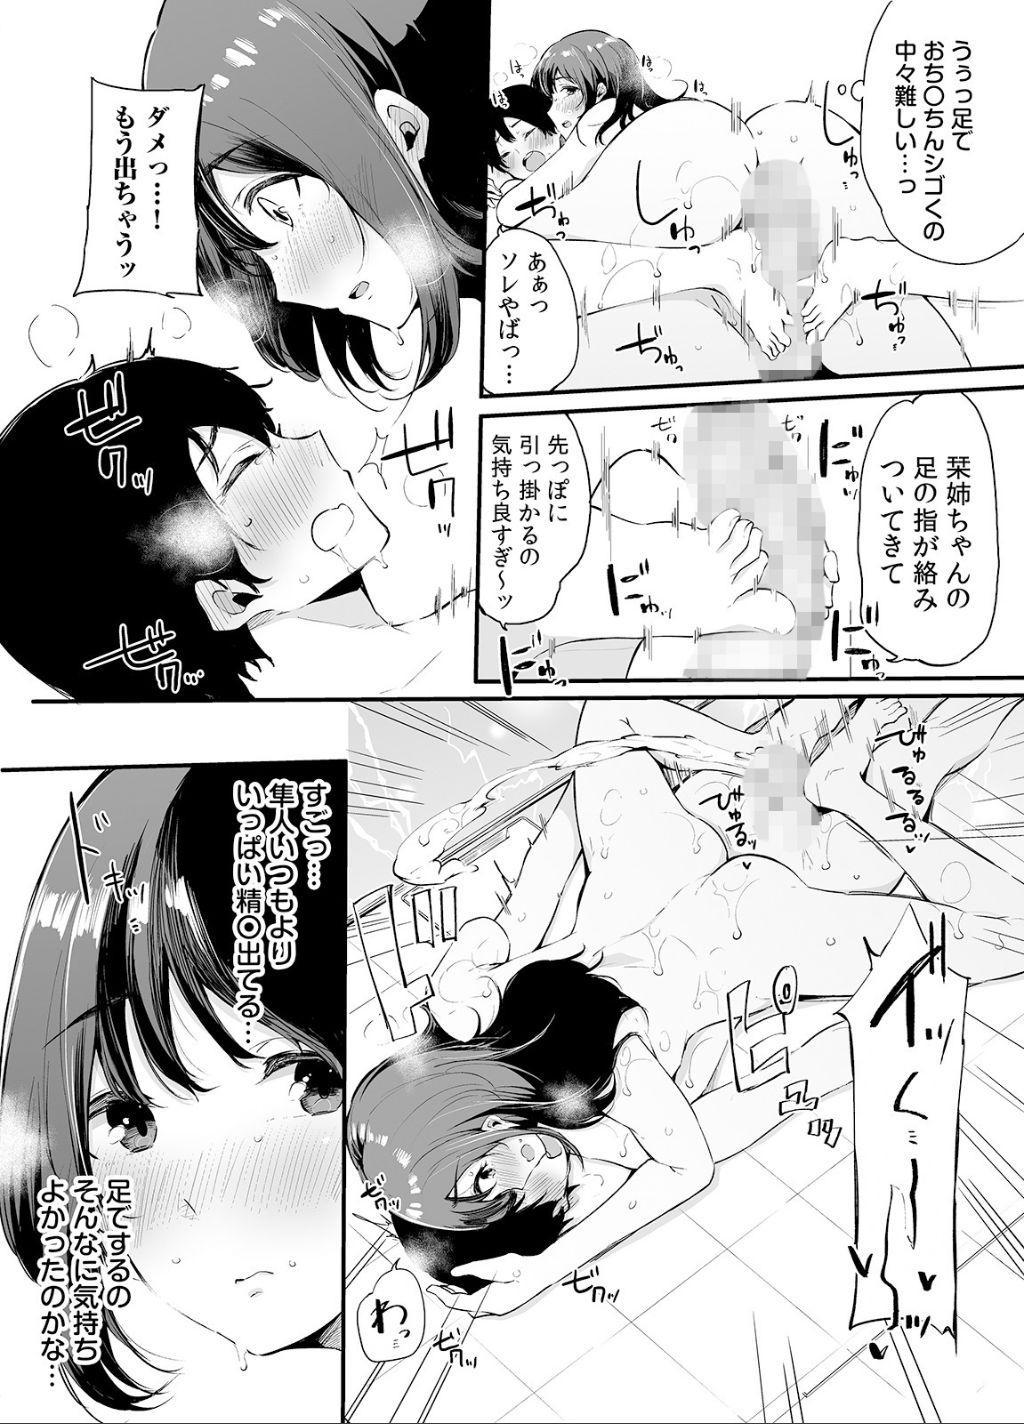 Otouto ni Ero Manga to Onaji Koto o Sare Chau o Nee-chan no Hanashi 2 69